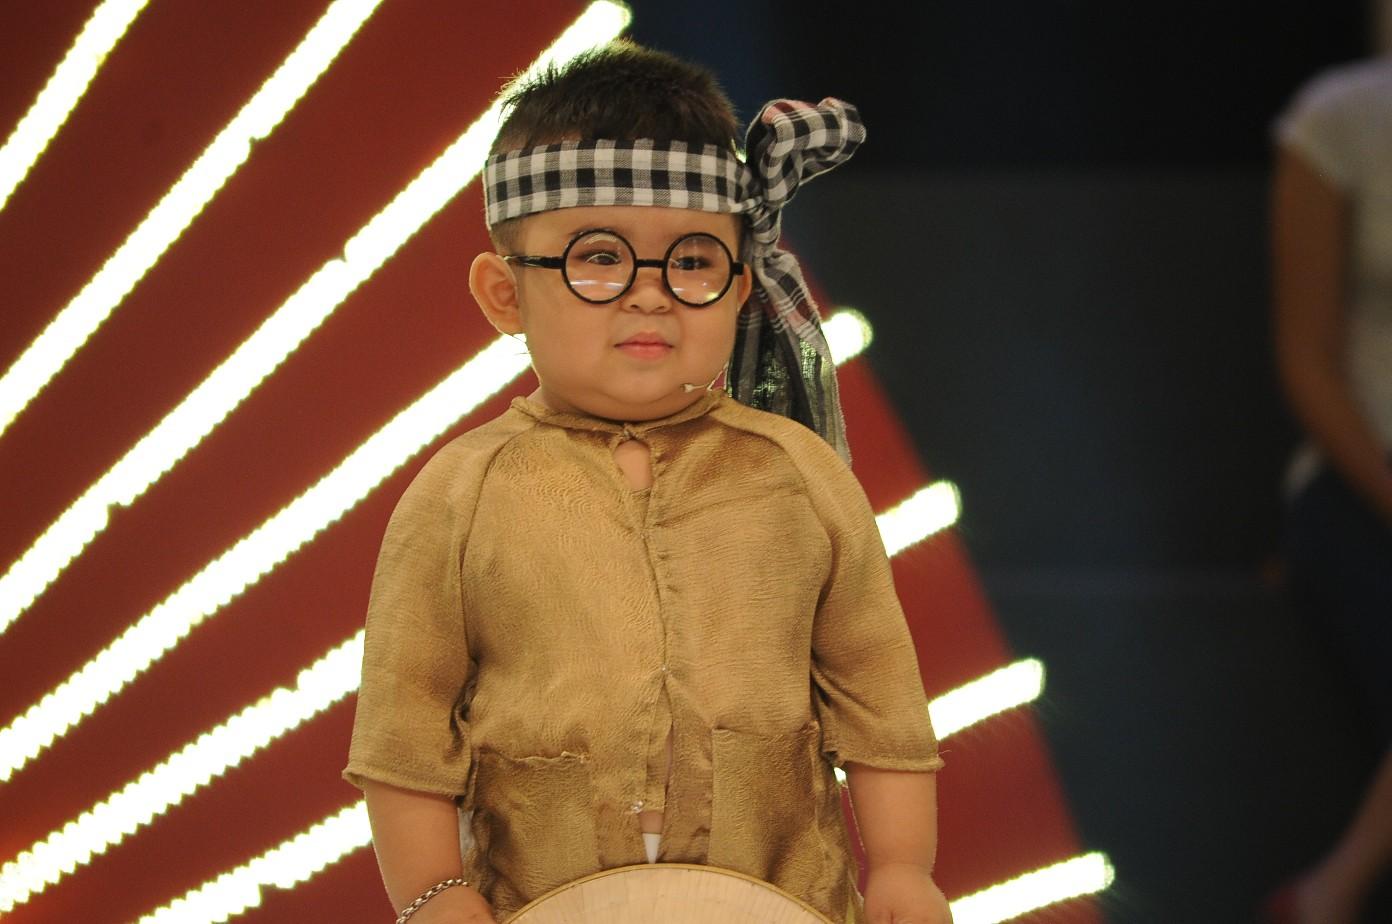 Điểm danh sao nhí có thu nhập lớn hàng đầu tại showbiz Việt - Ảnh 6.